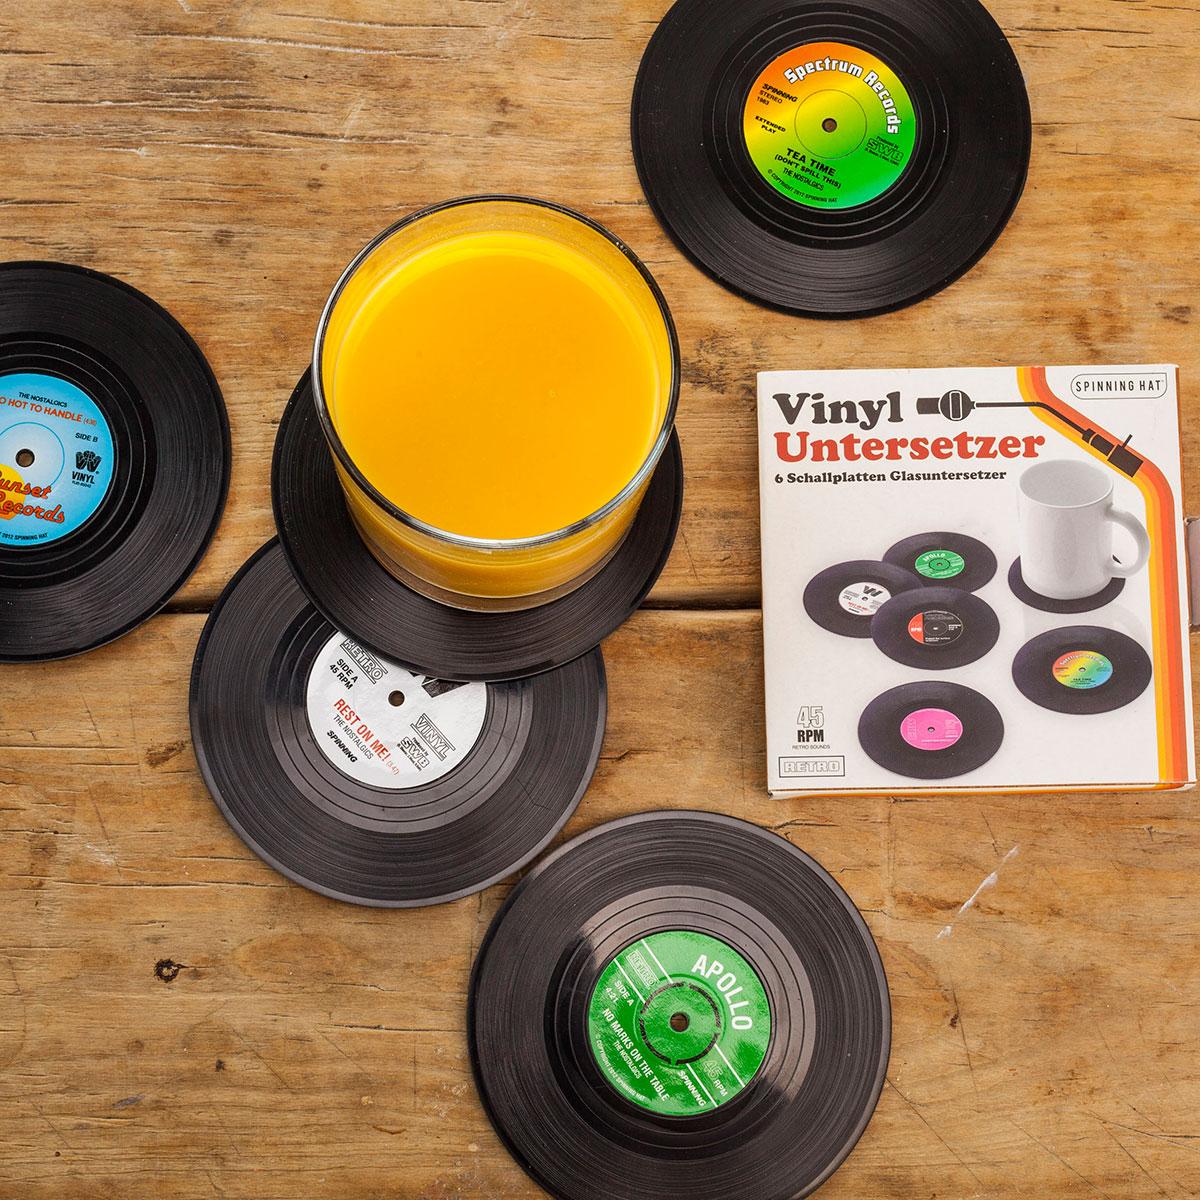 Image of 6 Untersetzer im Vinyl-Schallplatten-Look